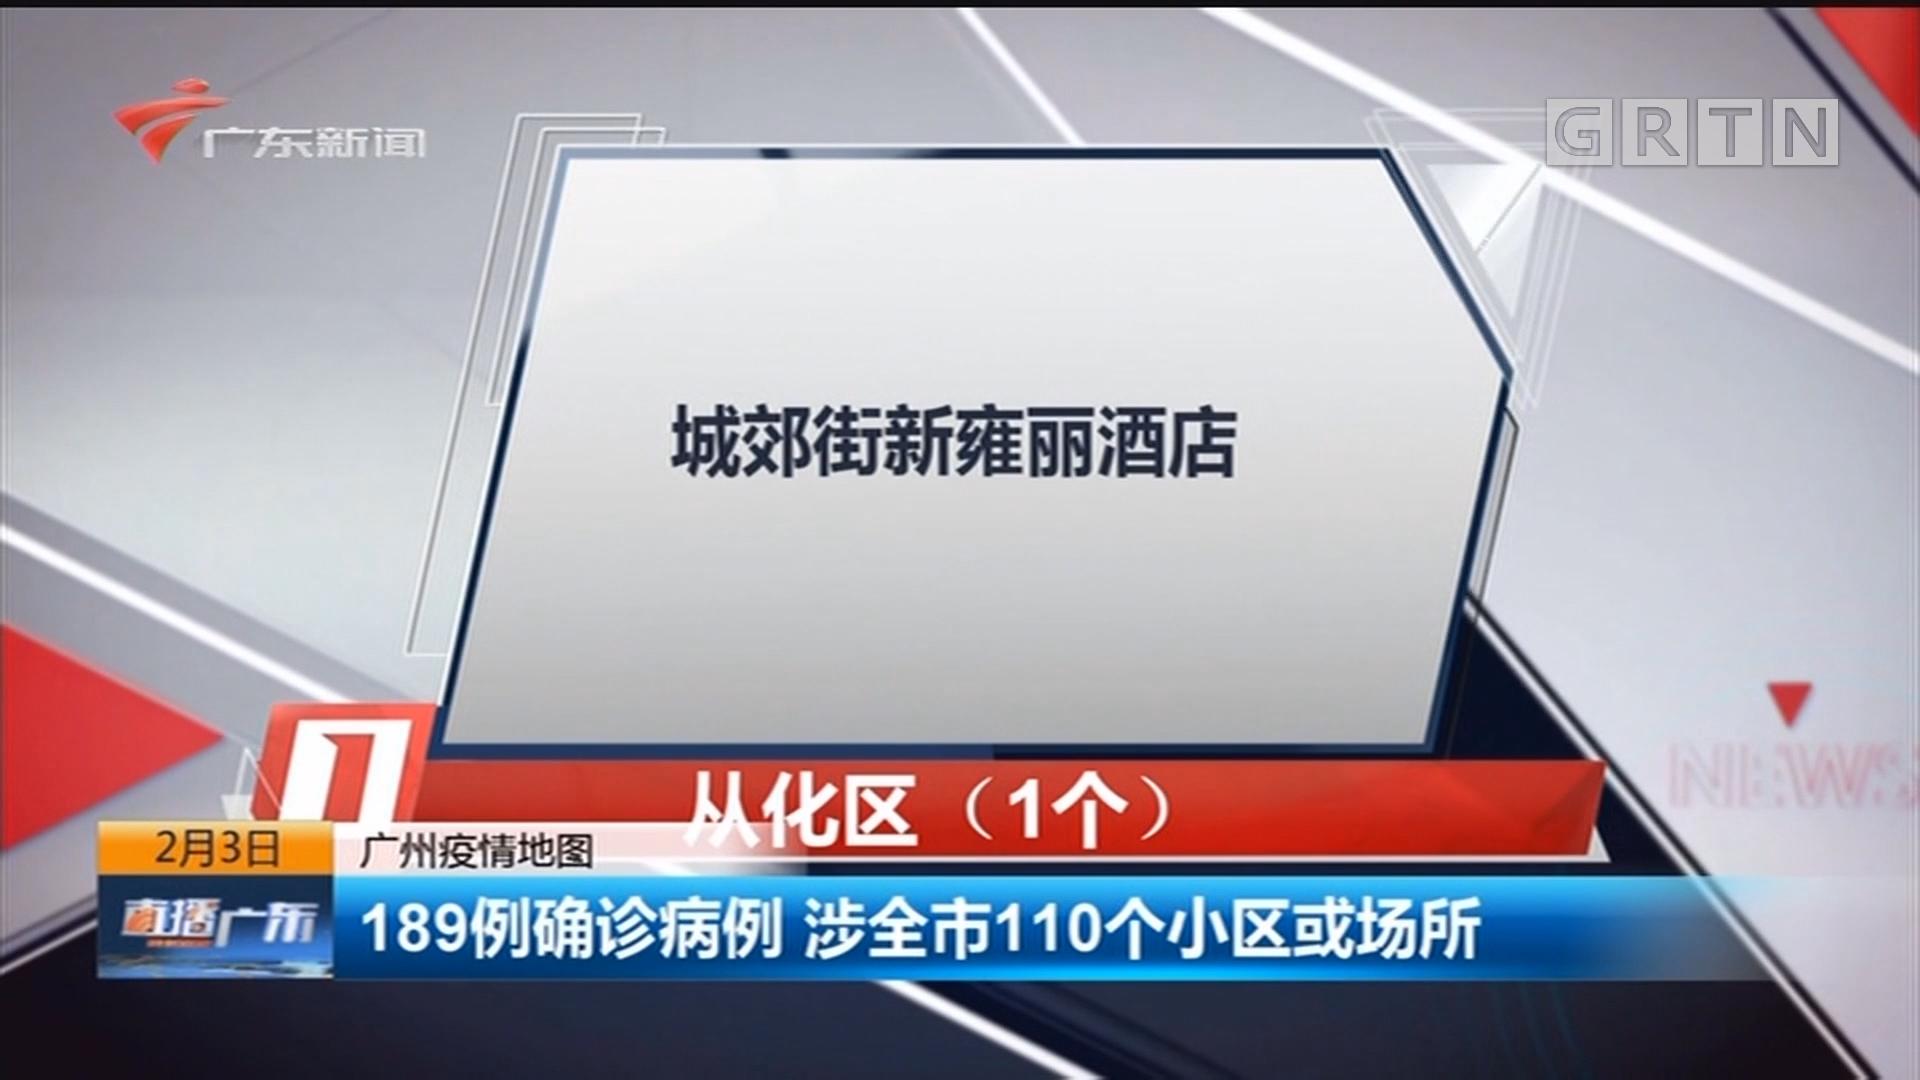 广州疫情地图:189例确诊病例 涉全市110个小区或场所